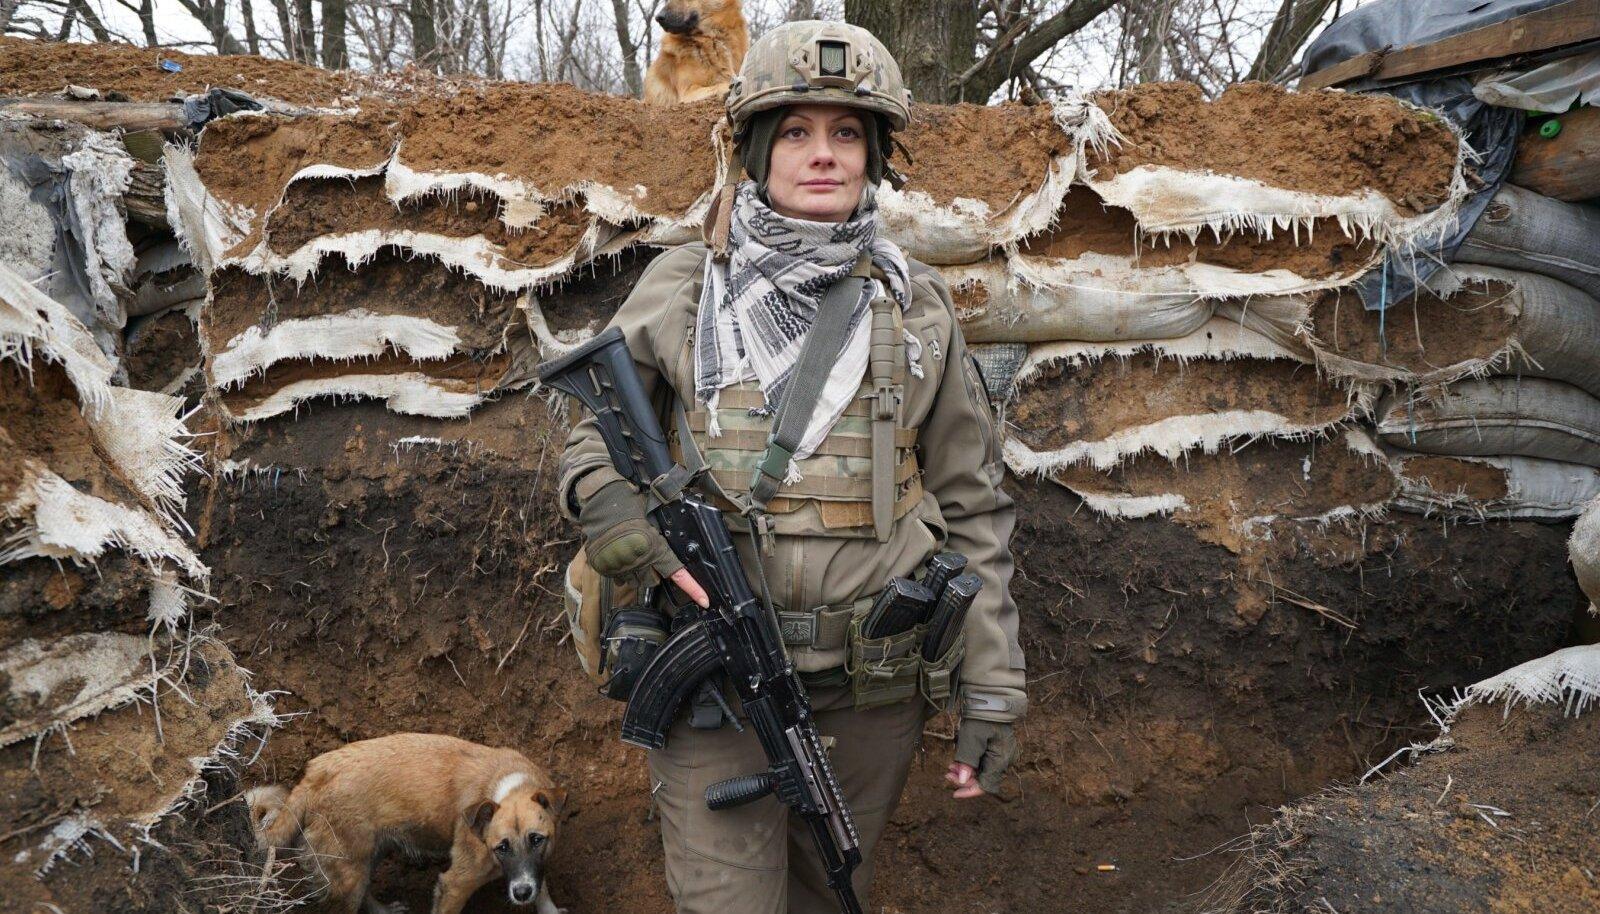 """""""SÕJAPRINTSESS XENA"""": 2014. aastal puhkenud sõjast Ida-Ukrainas võttis osa ka Maria, teise nimega Xena."""